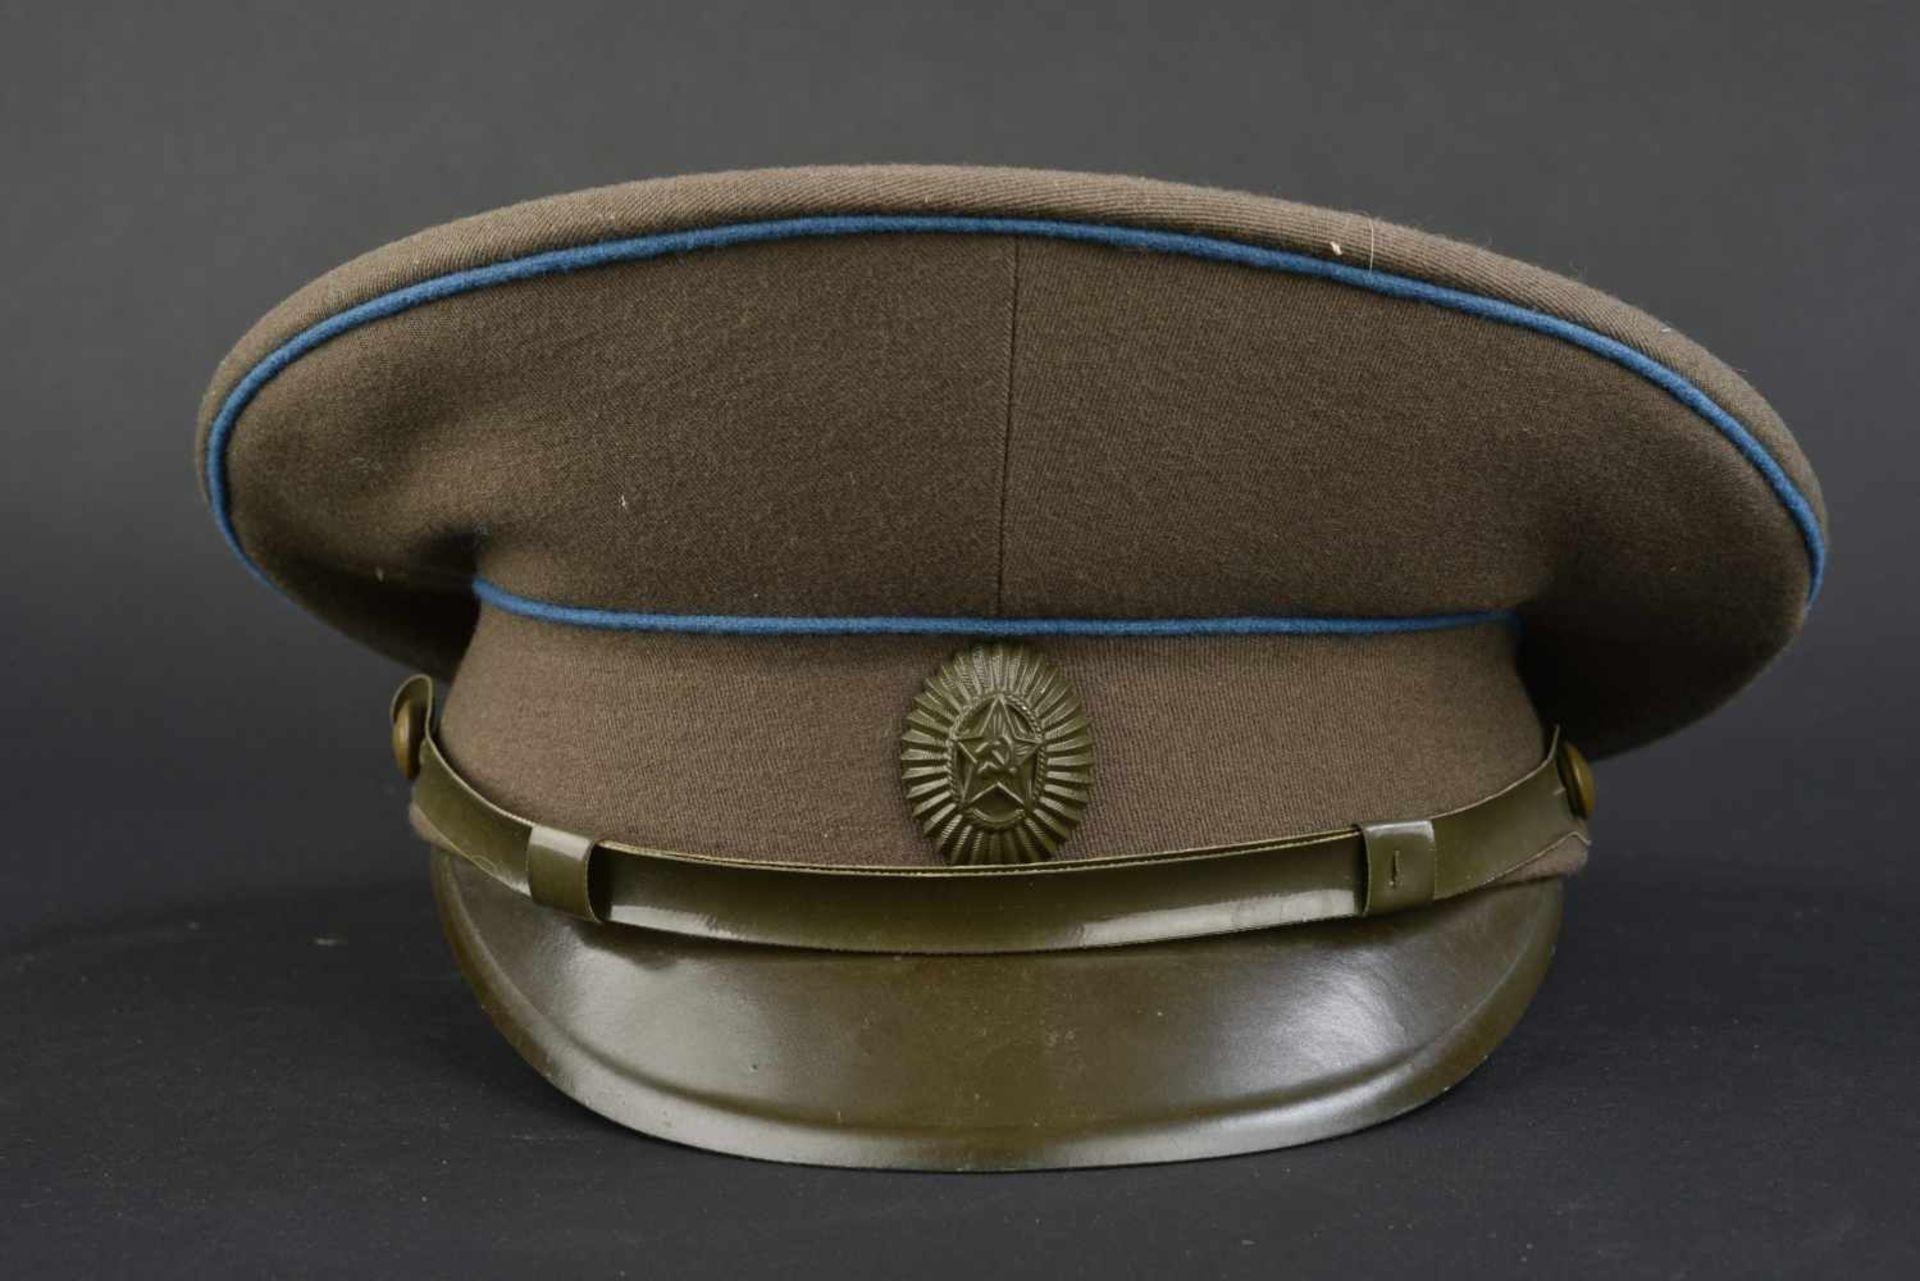 Casquette combat de général soviétique de l'armée de l'air En tissu kaki, double liseré bleu. - Bild 4 aus 4